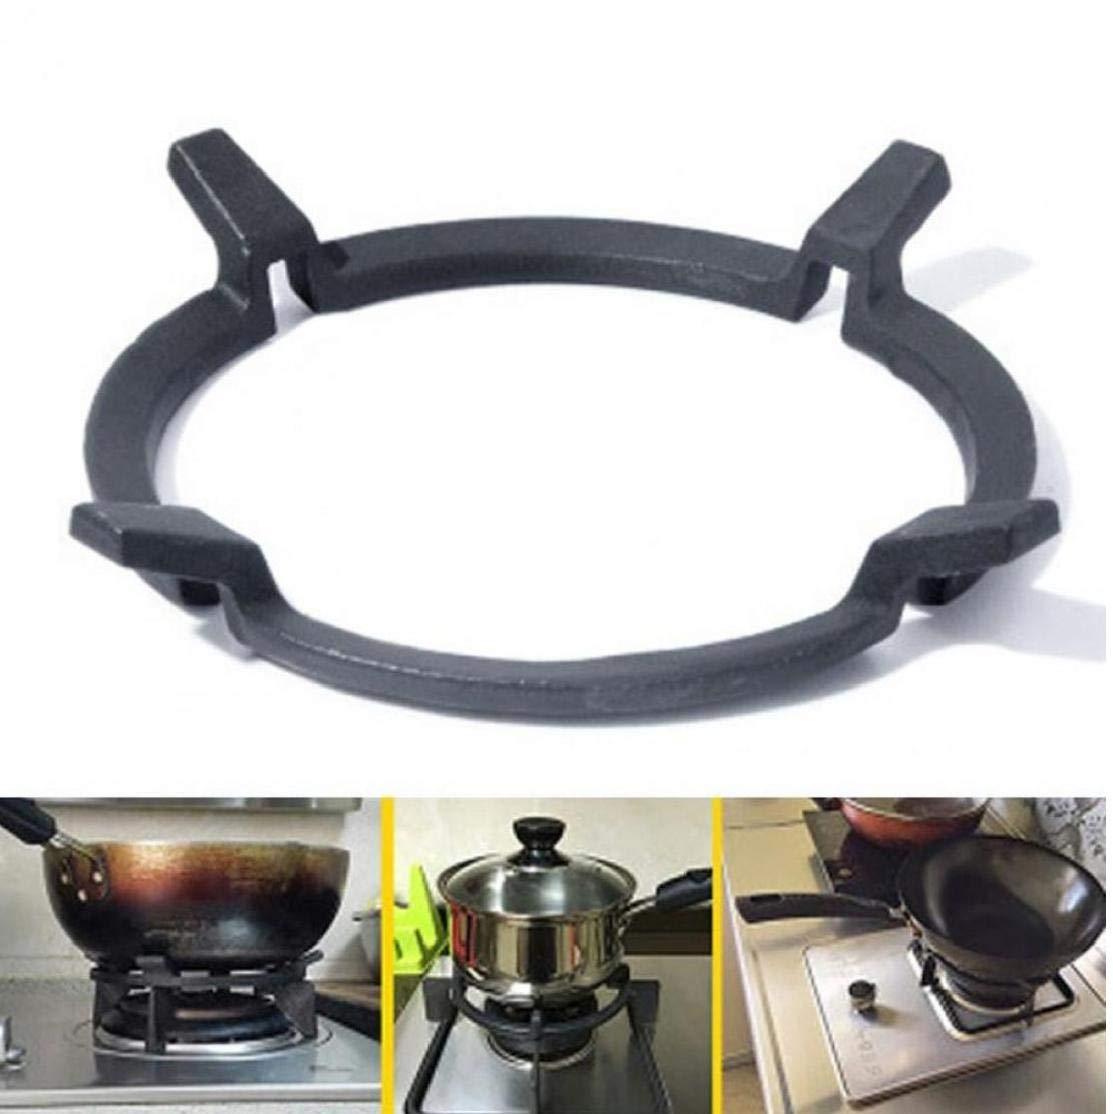 Byfri Wok Stands en Fonte Wok Pan Support Support pour gaz Plaques de Cuisson Cuisini/ères Cuisini/ères Fournitures Kitchecn Accessoires Outils